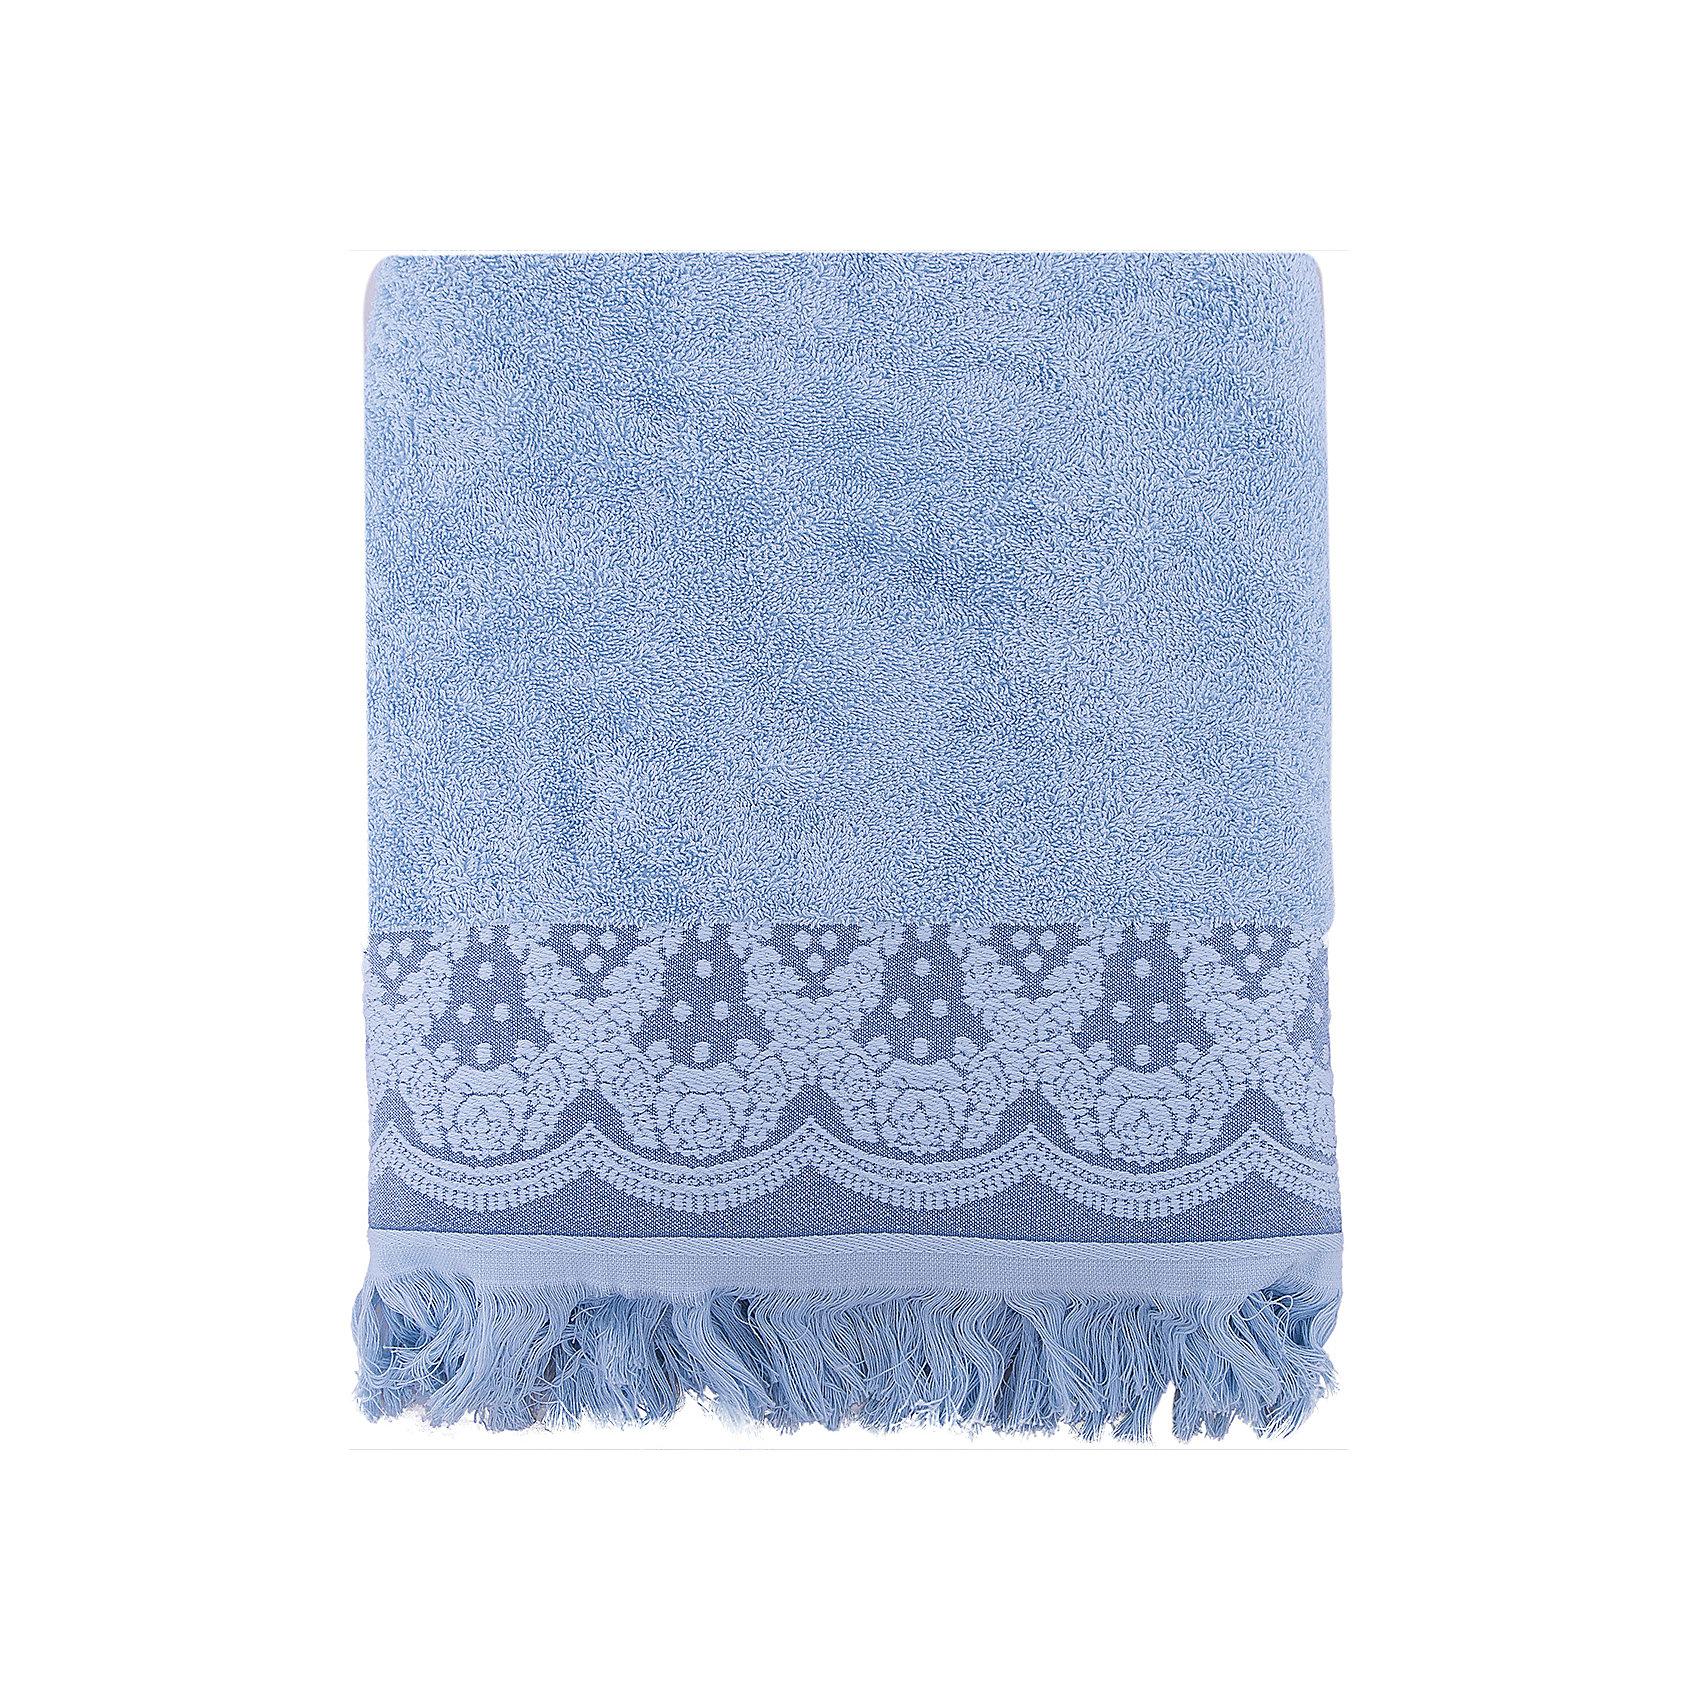 Полотенце махровое 70*140 Белладжио, Cozy Home, голубойВанная комната<br>Полотенце махровое 70*140 Белладжио, Cozy Home (Кози Хоум), голубой<br><br>Характеристики:<br><br>• декорировано бахромой и вышивкой<br>• хорошо впитывает влагу<br>• изысканный дизайн<br>• материал: хлопок<br>• размер: 70х140 см<br>• цвет: голубой<br><br>Банное полотенце Белладжио порадует вас роскошным дизайном и, конечно же, высоким качеством. Полотенце изготовлено из хлопка, обладающего хорошей гигроскопичностью. Оно хорошо впитывает влагу, быстро сохнет и даже препятствует размножению бактерий. Полотенце неприхотливо в уходе, легко поддается стирке при температуре 40°С, не меняя при этом свой цвет и размер. Край полотенца декорирован красивым узором и бахромой. Полотенце прекрасно впишется в любой интерьер ванной, а также подойдет в качестве полезного подарка.<br><br>Полотенце махровое 70*140 Белладжио, Cozy Home (Кози Хоум), голубой вы можете купить в нашем интернет-магазине.<br><br>Ширина мм: 150<br>Глубина мм: 350<br>Высота мм: 150<br>Вес г: 350<br>Возраст от месяцев: 0<br>Возраст до месяцев: 216<br>Пол: Унисекс<br>Возраст: Детский<br>SKU: 5355326